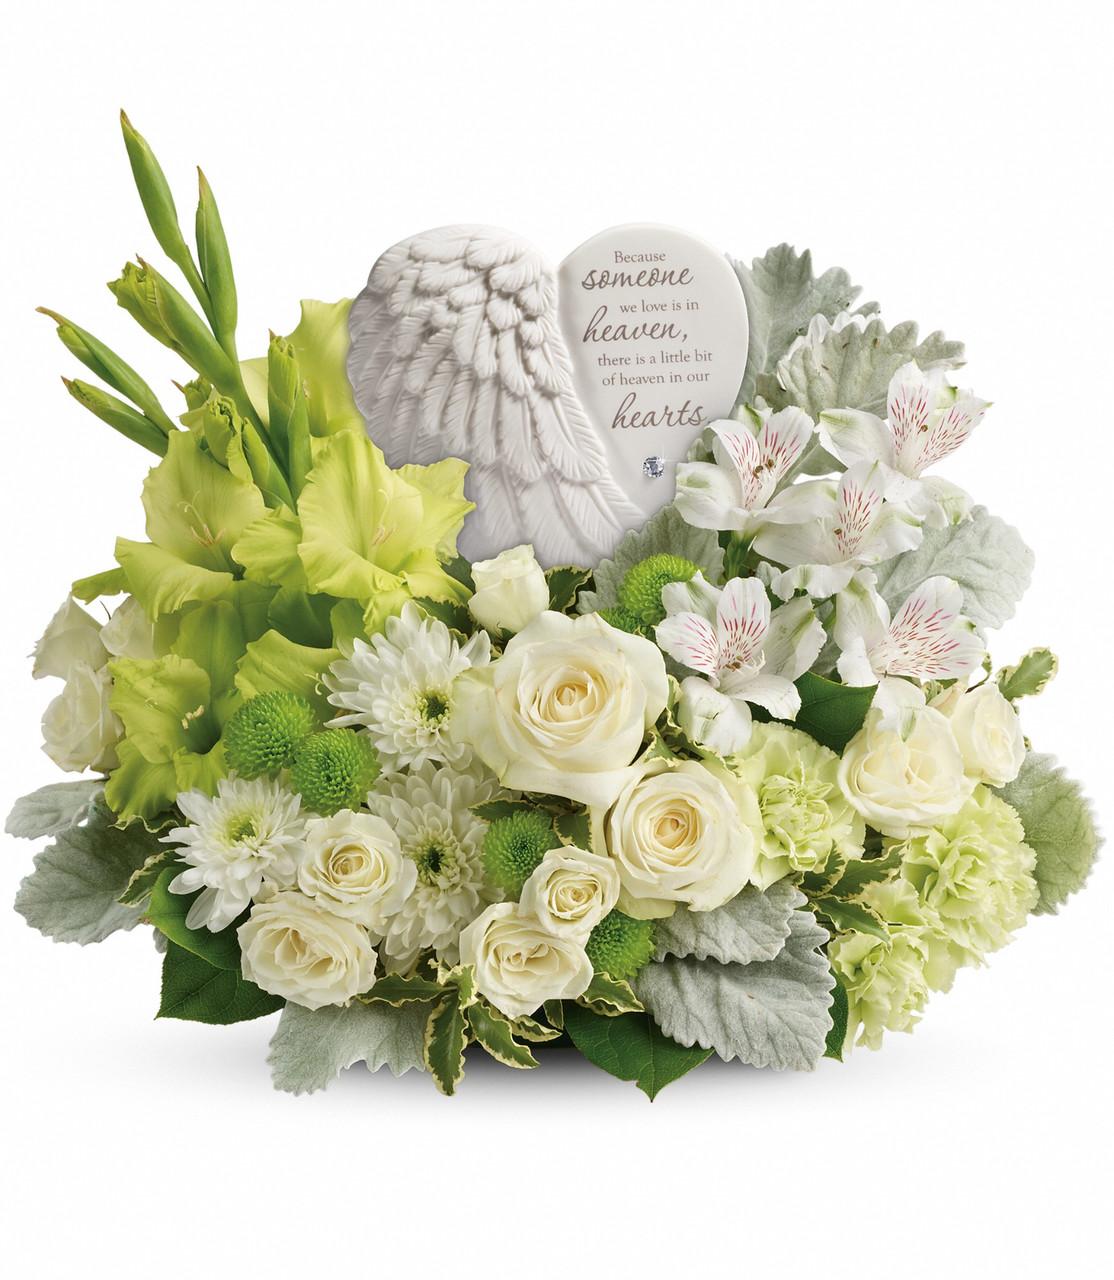 Hearts in Heaven Bouquet Flowers in White